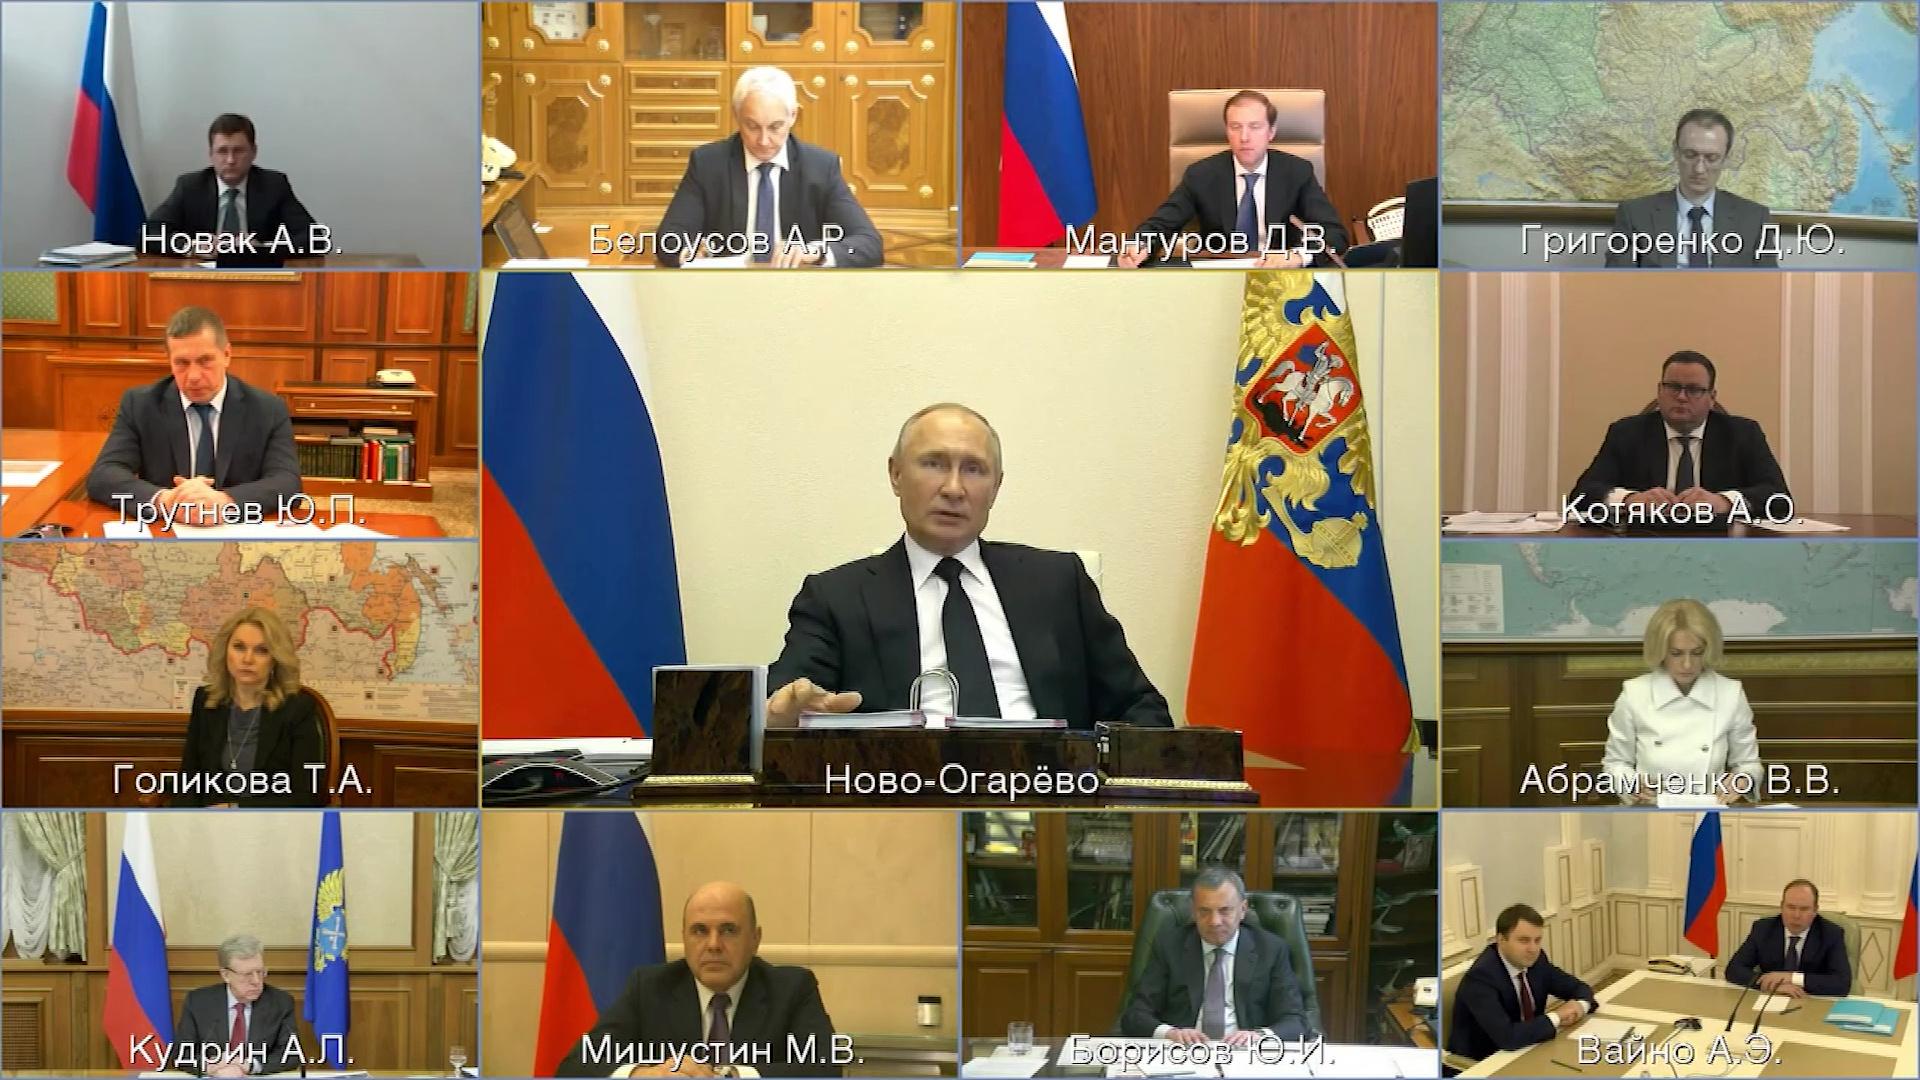 Владимир Путин заявил о финансовой помощи регионам в борьбе с коронавирусом